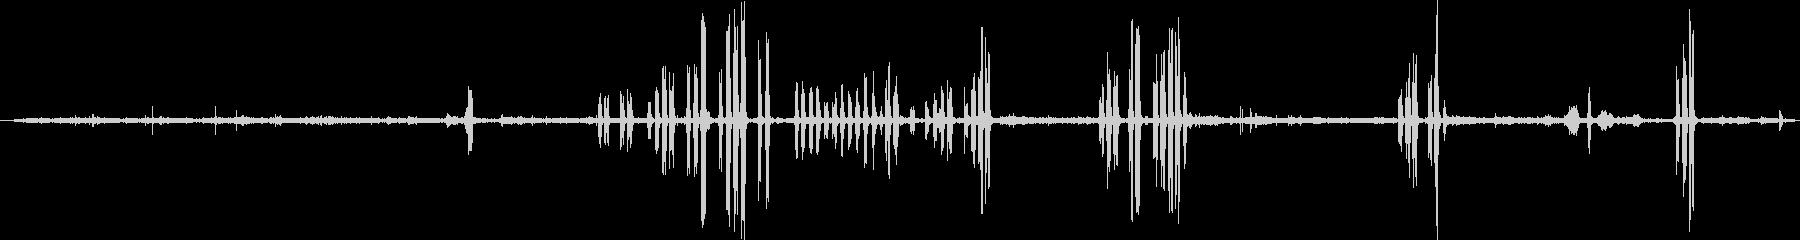 アシカ:囲い、スイミング、アザラシ...の未再生の波形